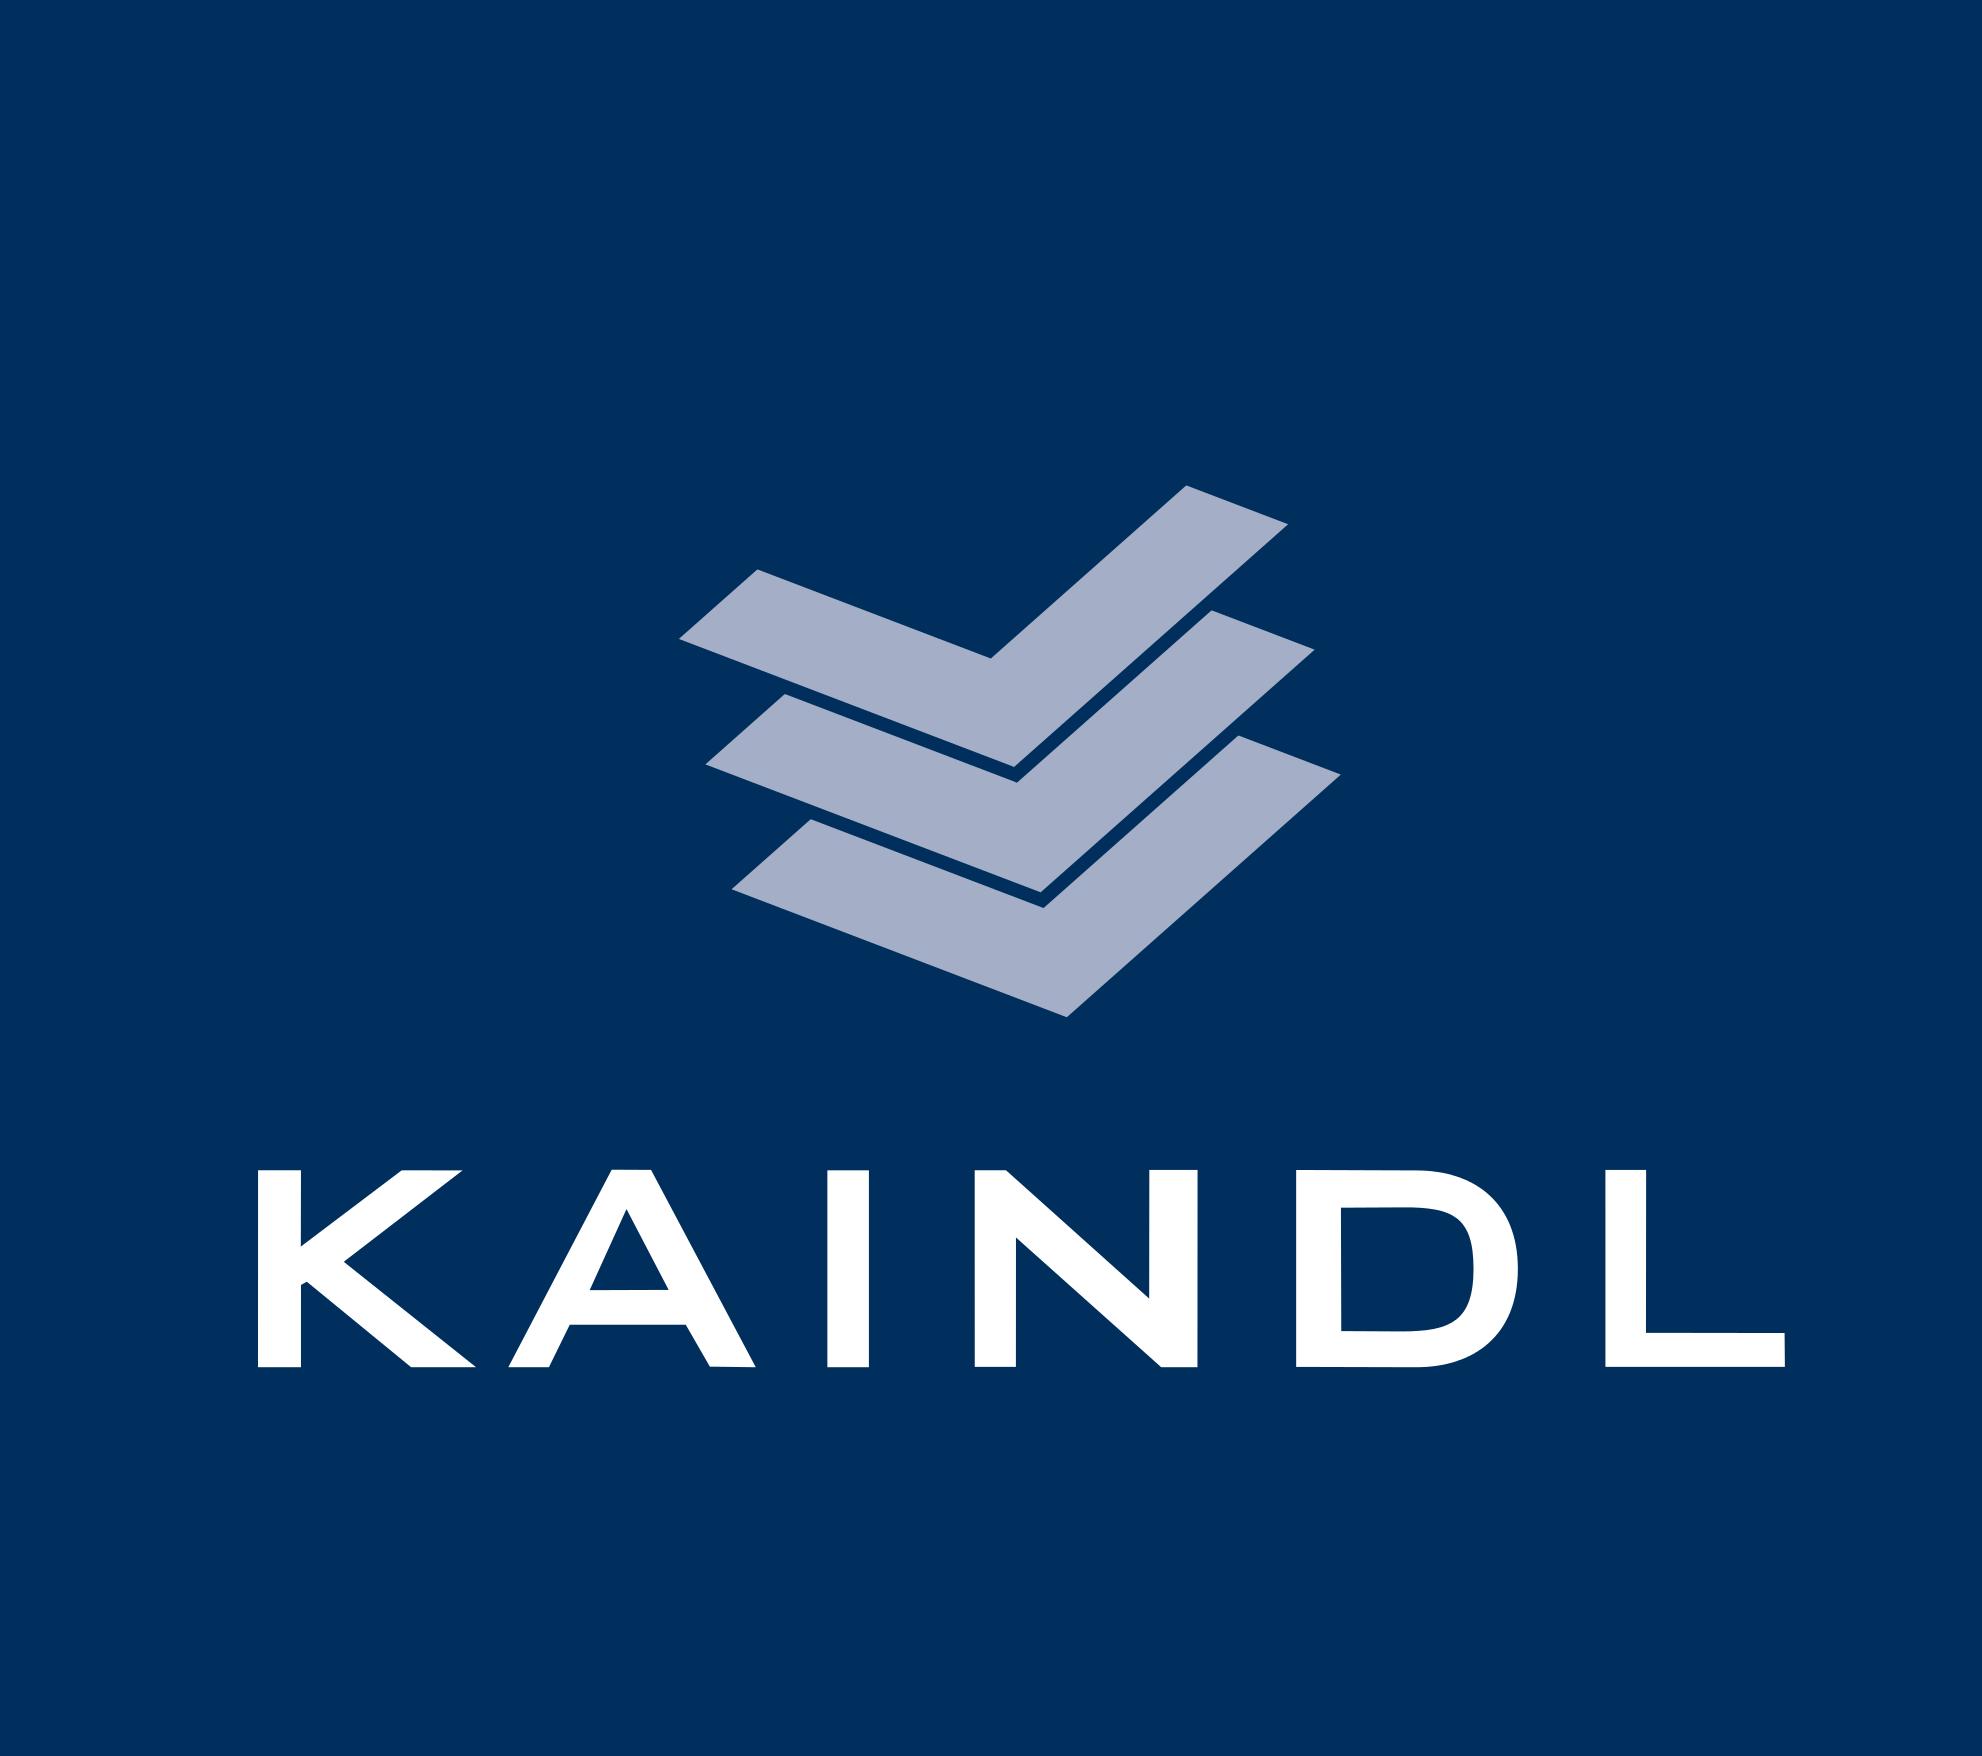 kaindl-logo.png